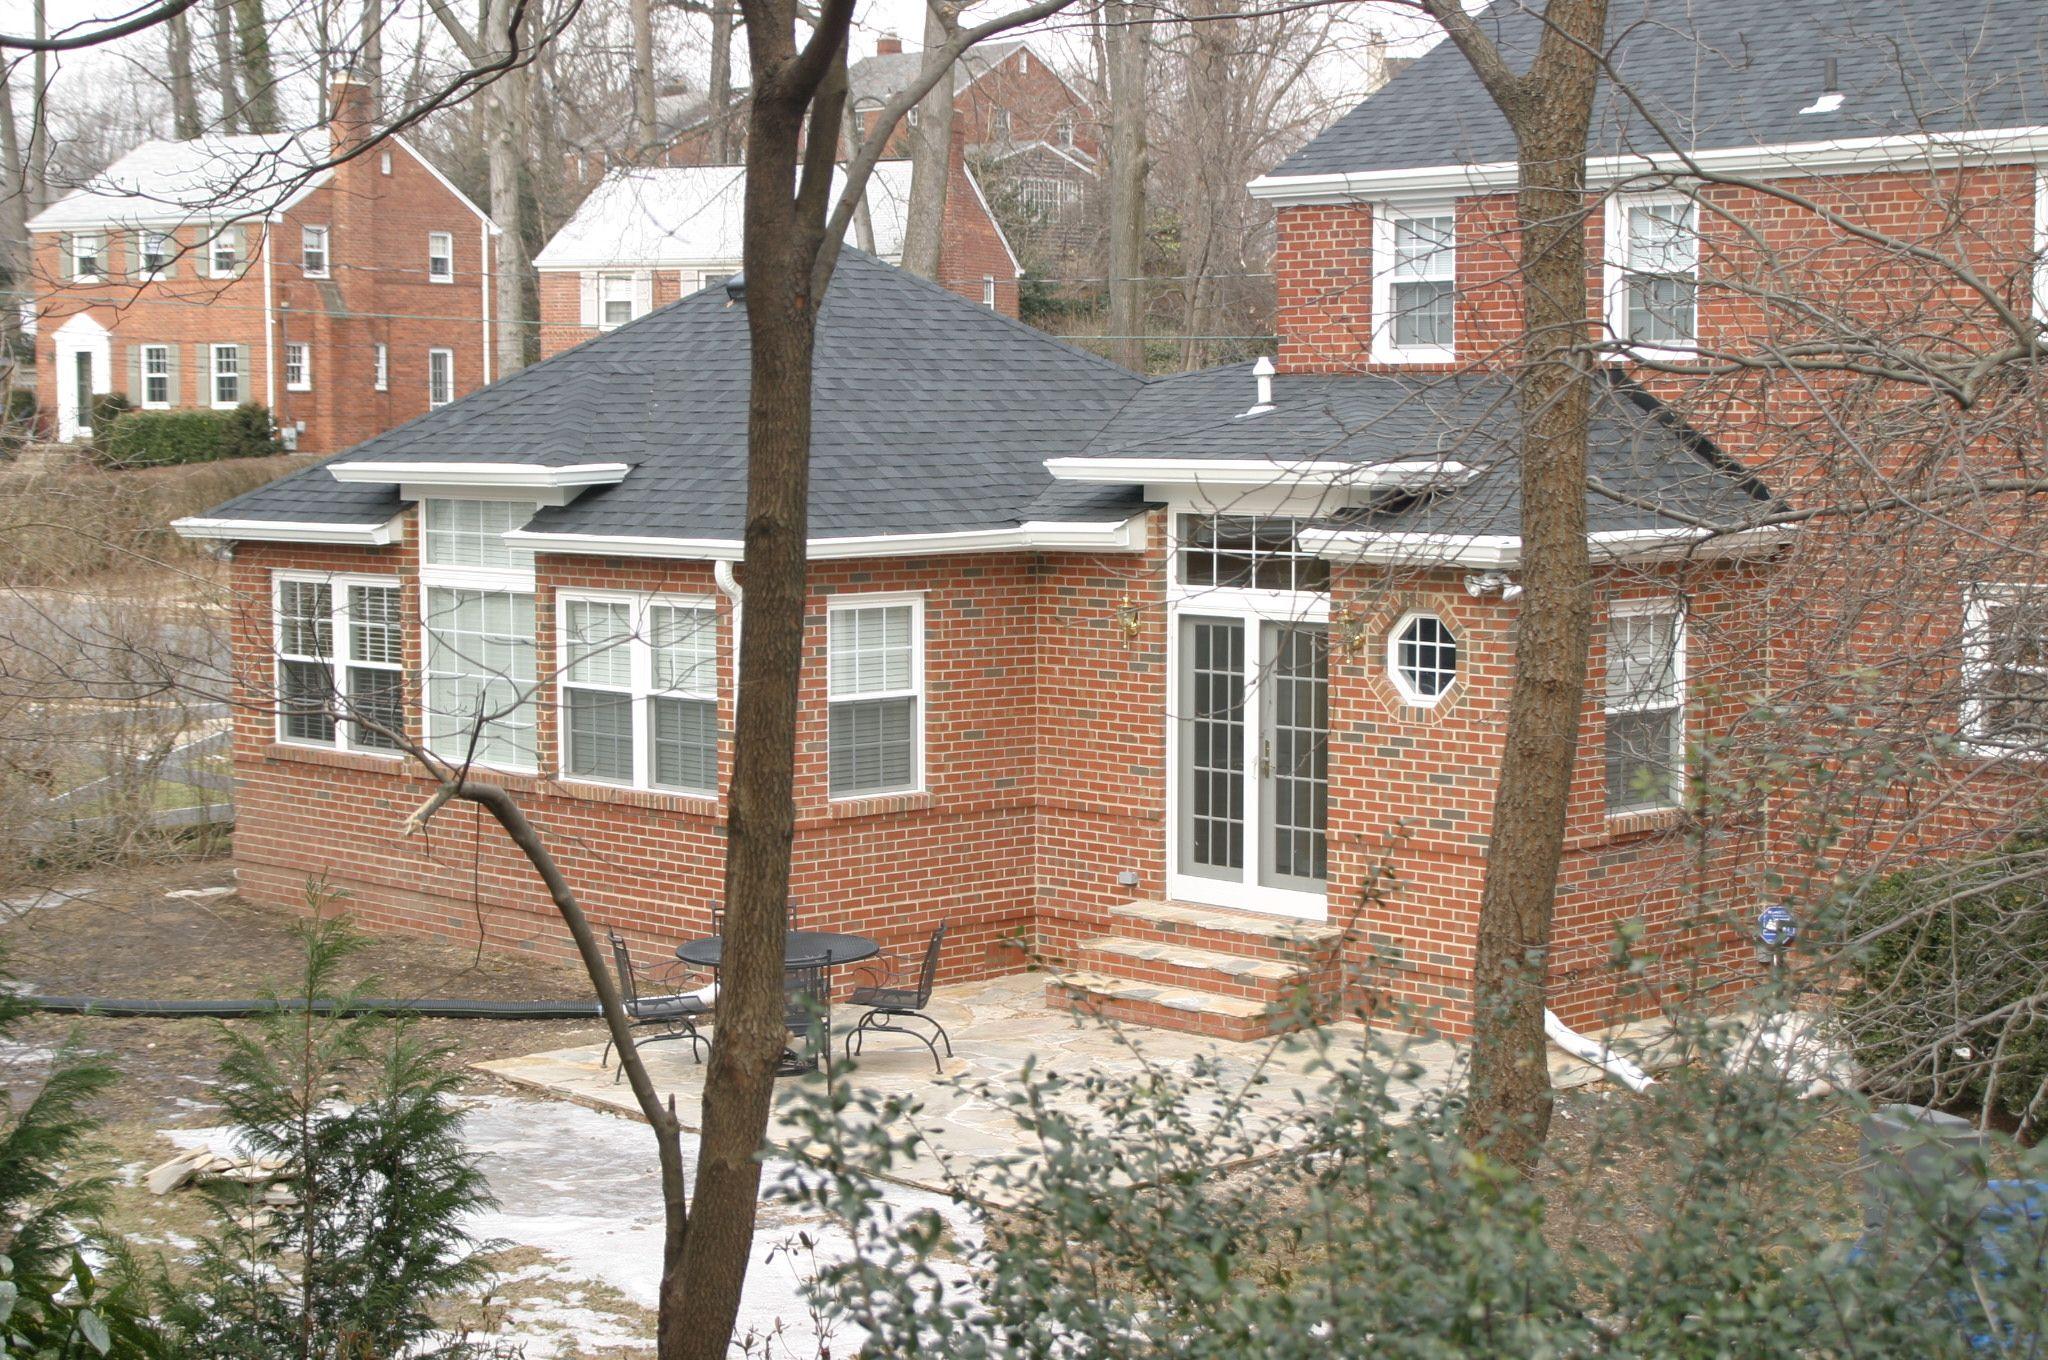 1 Design Build Remodeling Contractor in Arlington Virginia